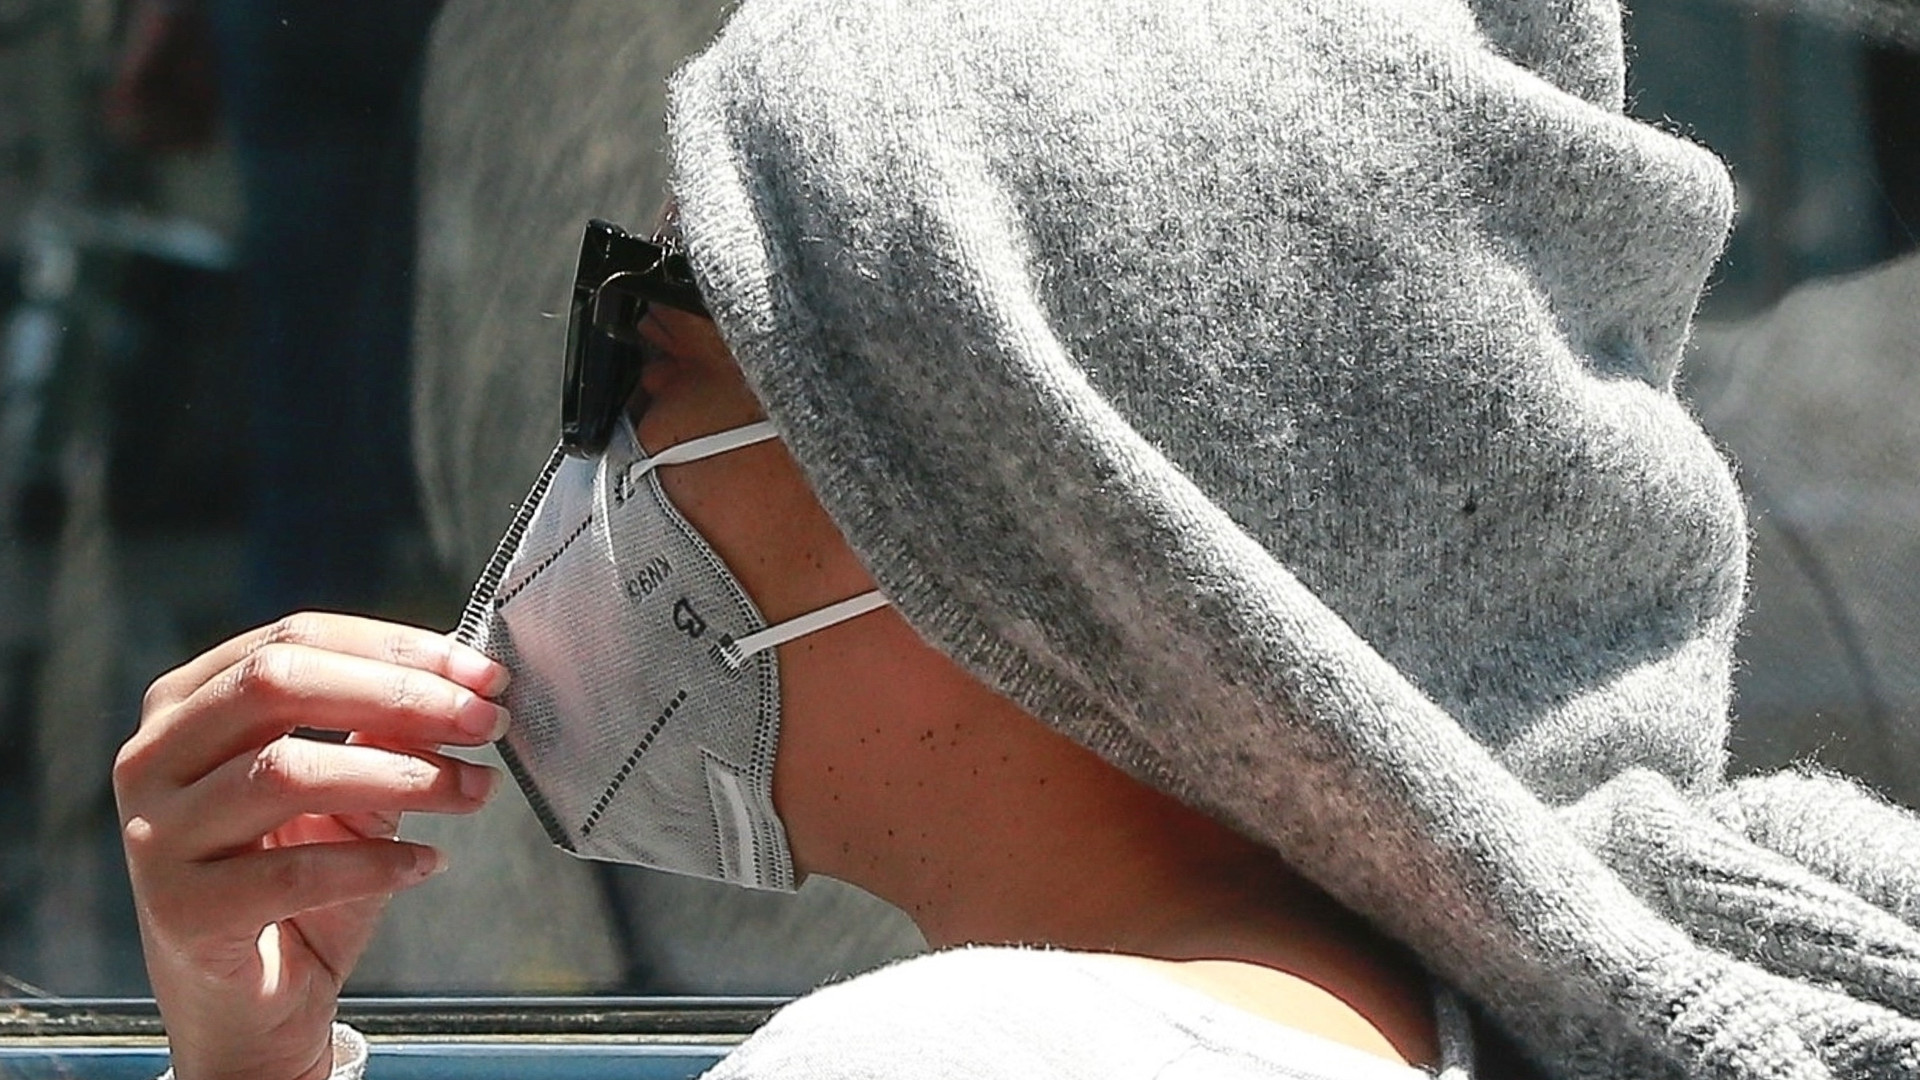 Zamaskowana Beyonce jedzie kabrioletem ulicami Beverly Hills (ZDJĘCIA)